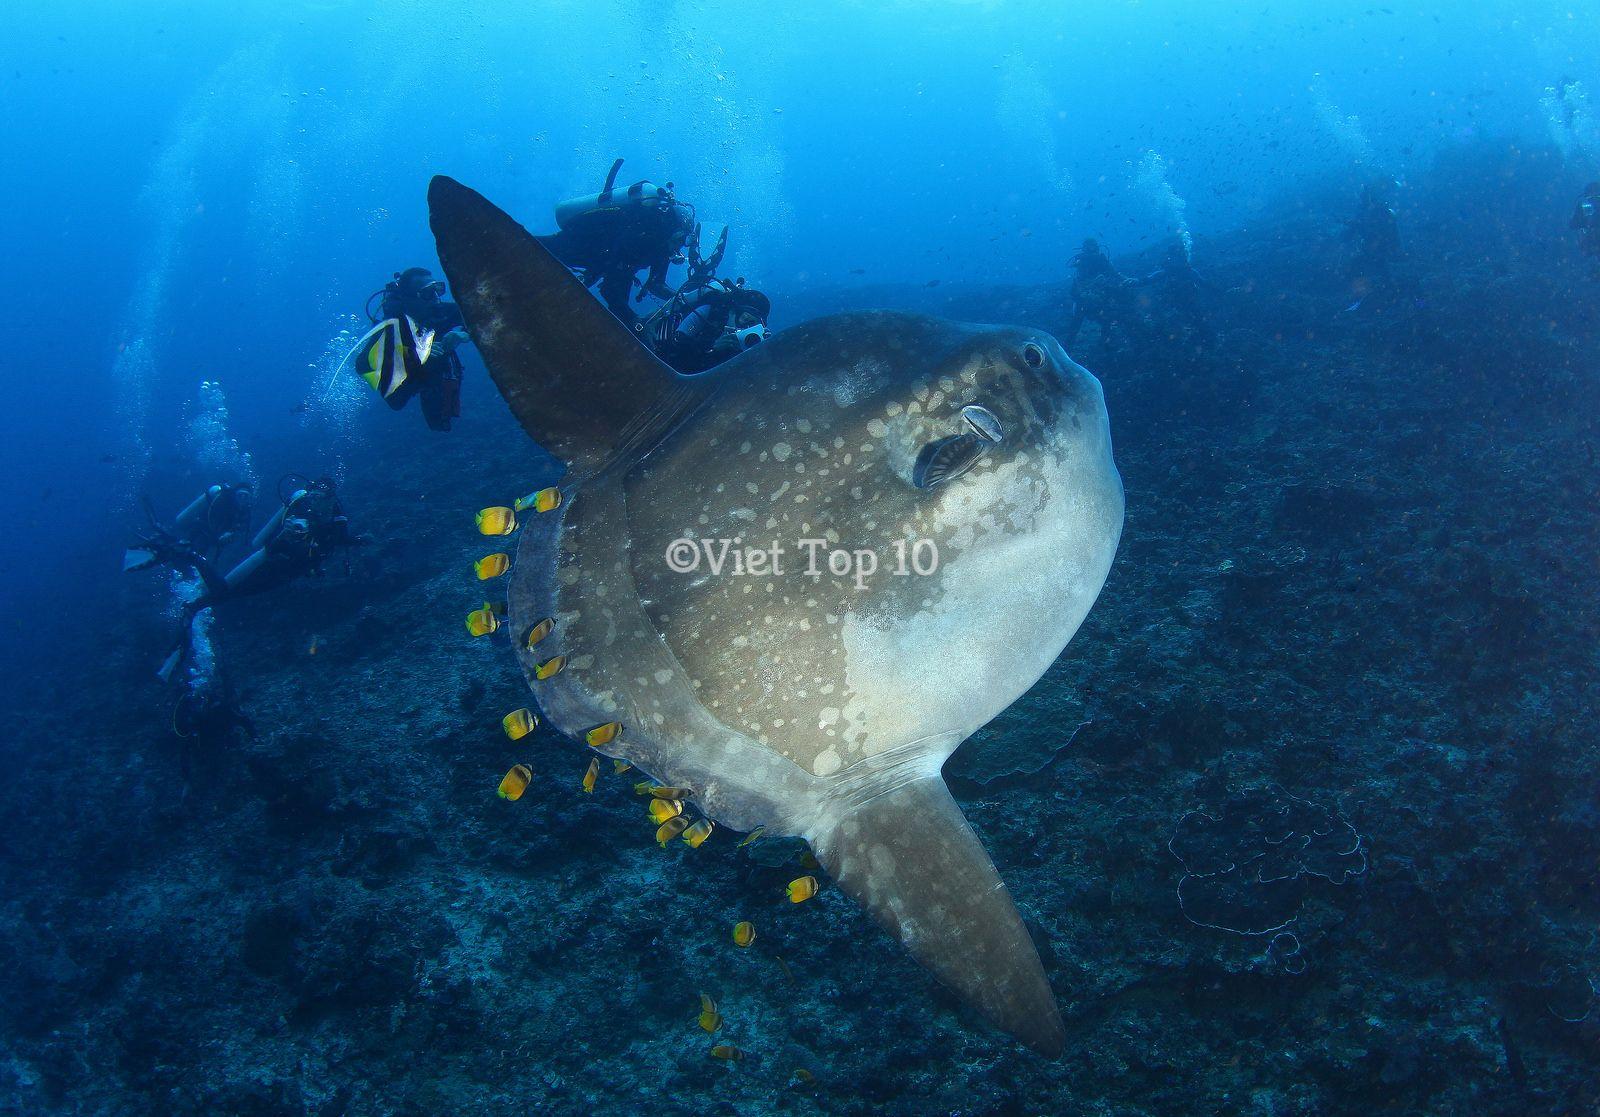 quái vật kỳ dị nhất dưới biển sâu - việt top 10 - viettop10 - viettop10.net